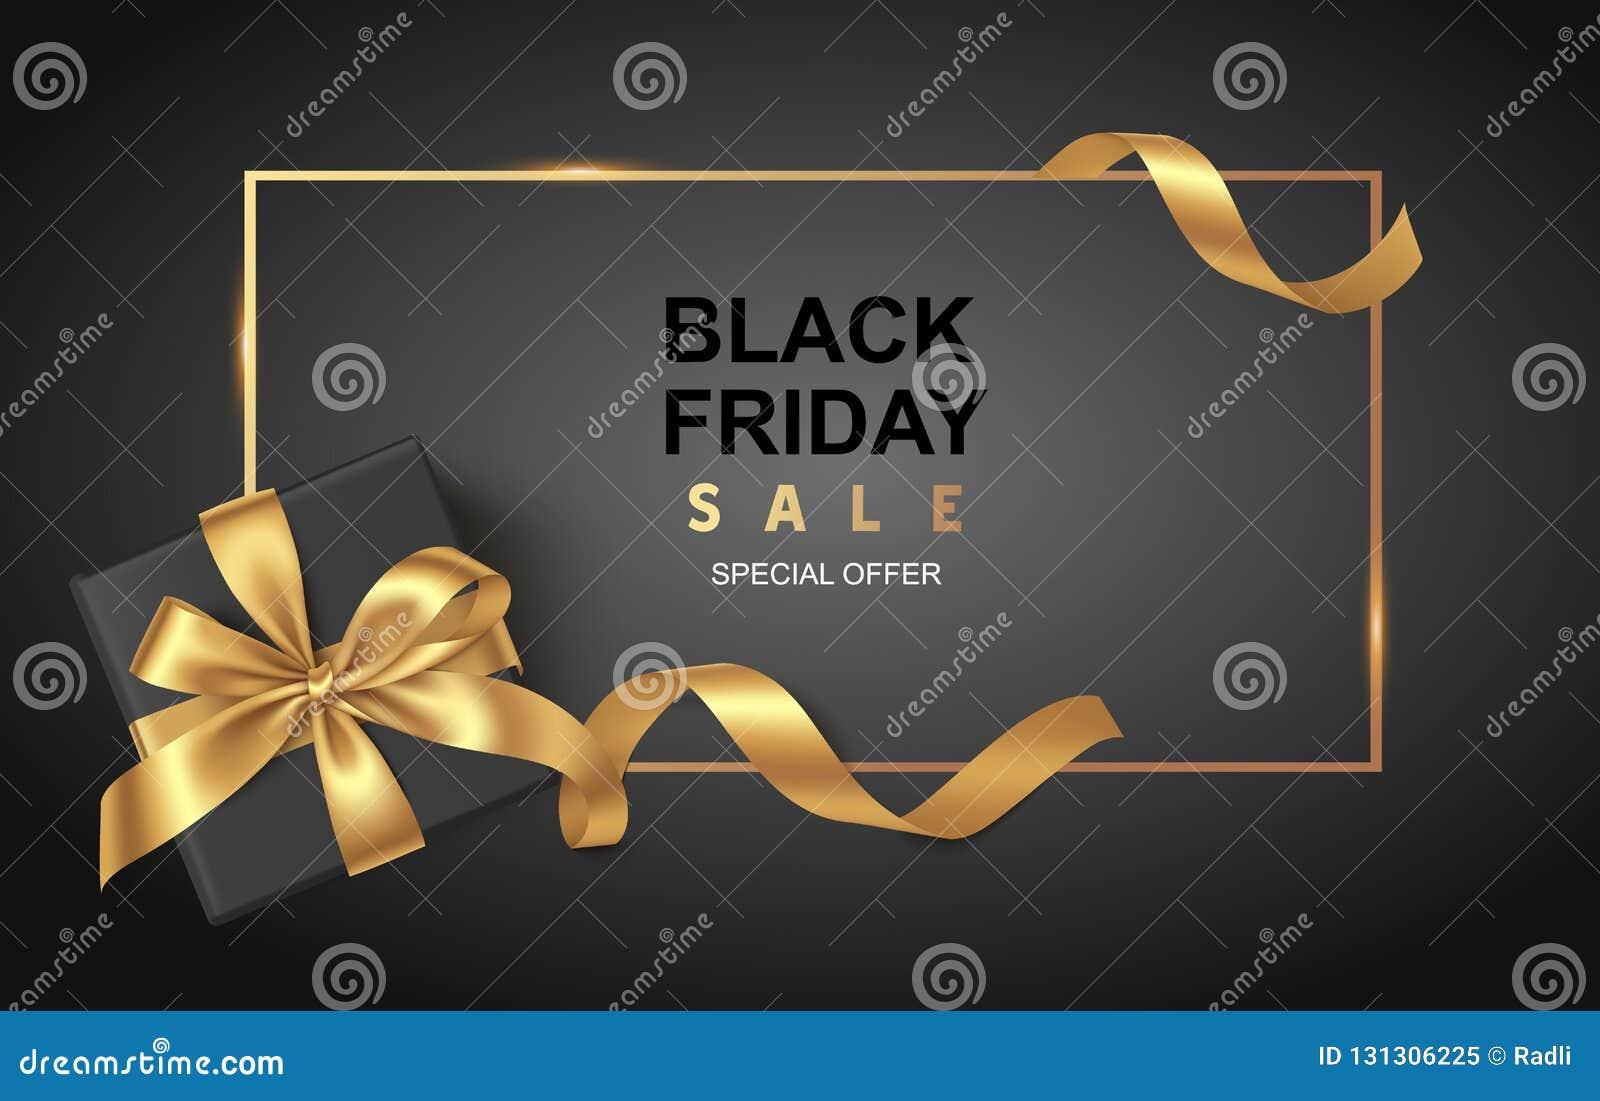 Черный шаблон дизайна продажи пятницы Декоративная черная подарочная коробка с золотым смычком и длинной лентой также вектор иллю